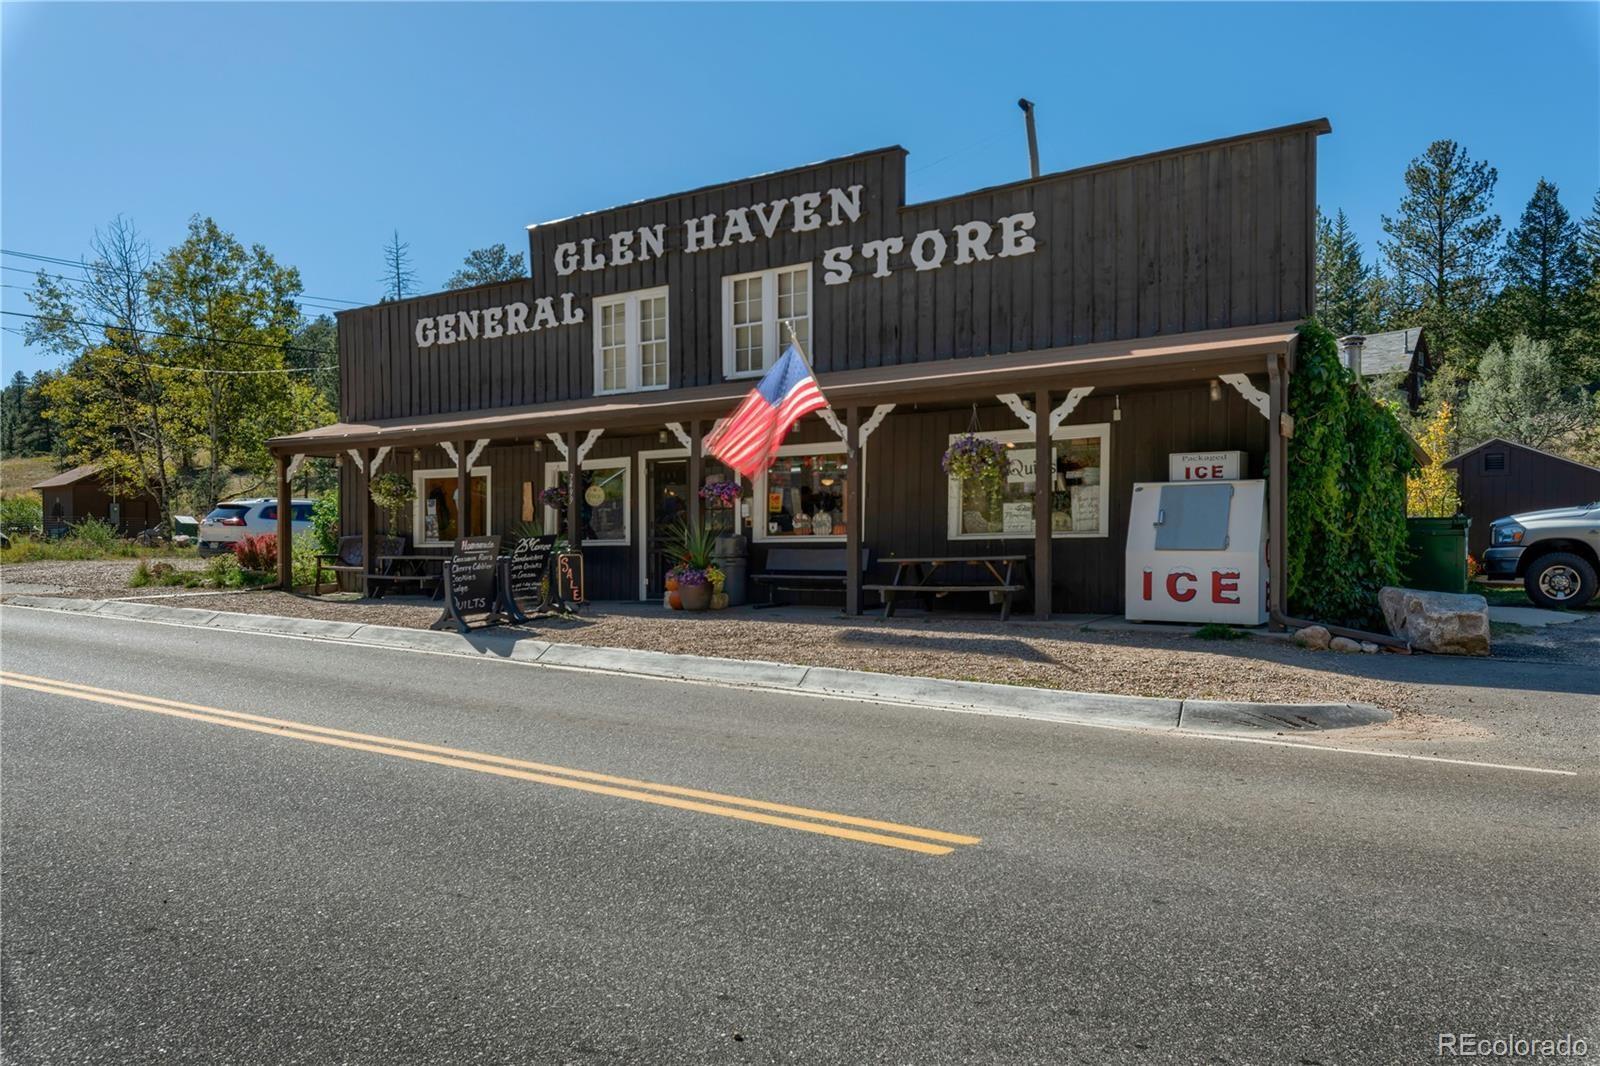 MLS# 6051727 - 8 - 7435 County Road 43 , Glen Haven, CO 80532